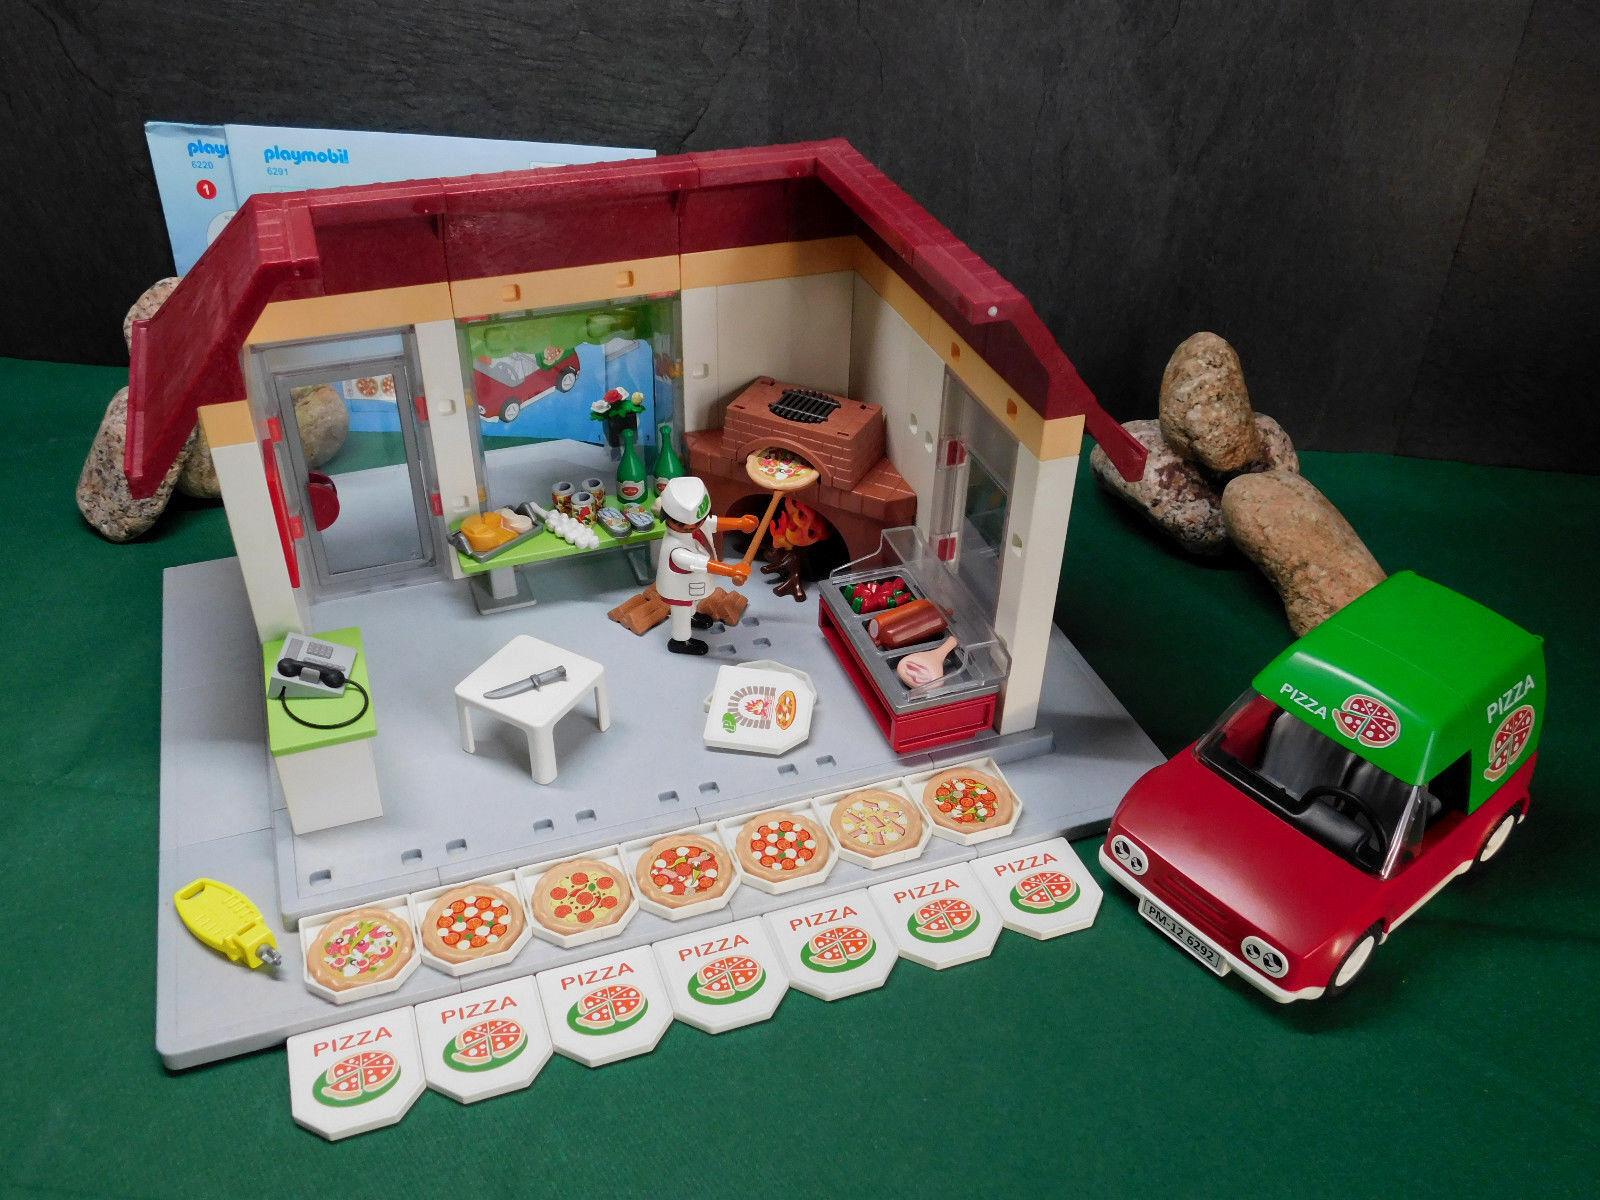 Playmobil Pizzeria II, Gebäude 6220-A/2011,6291 u. Lieferservice 6292-A/2012